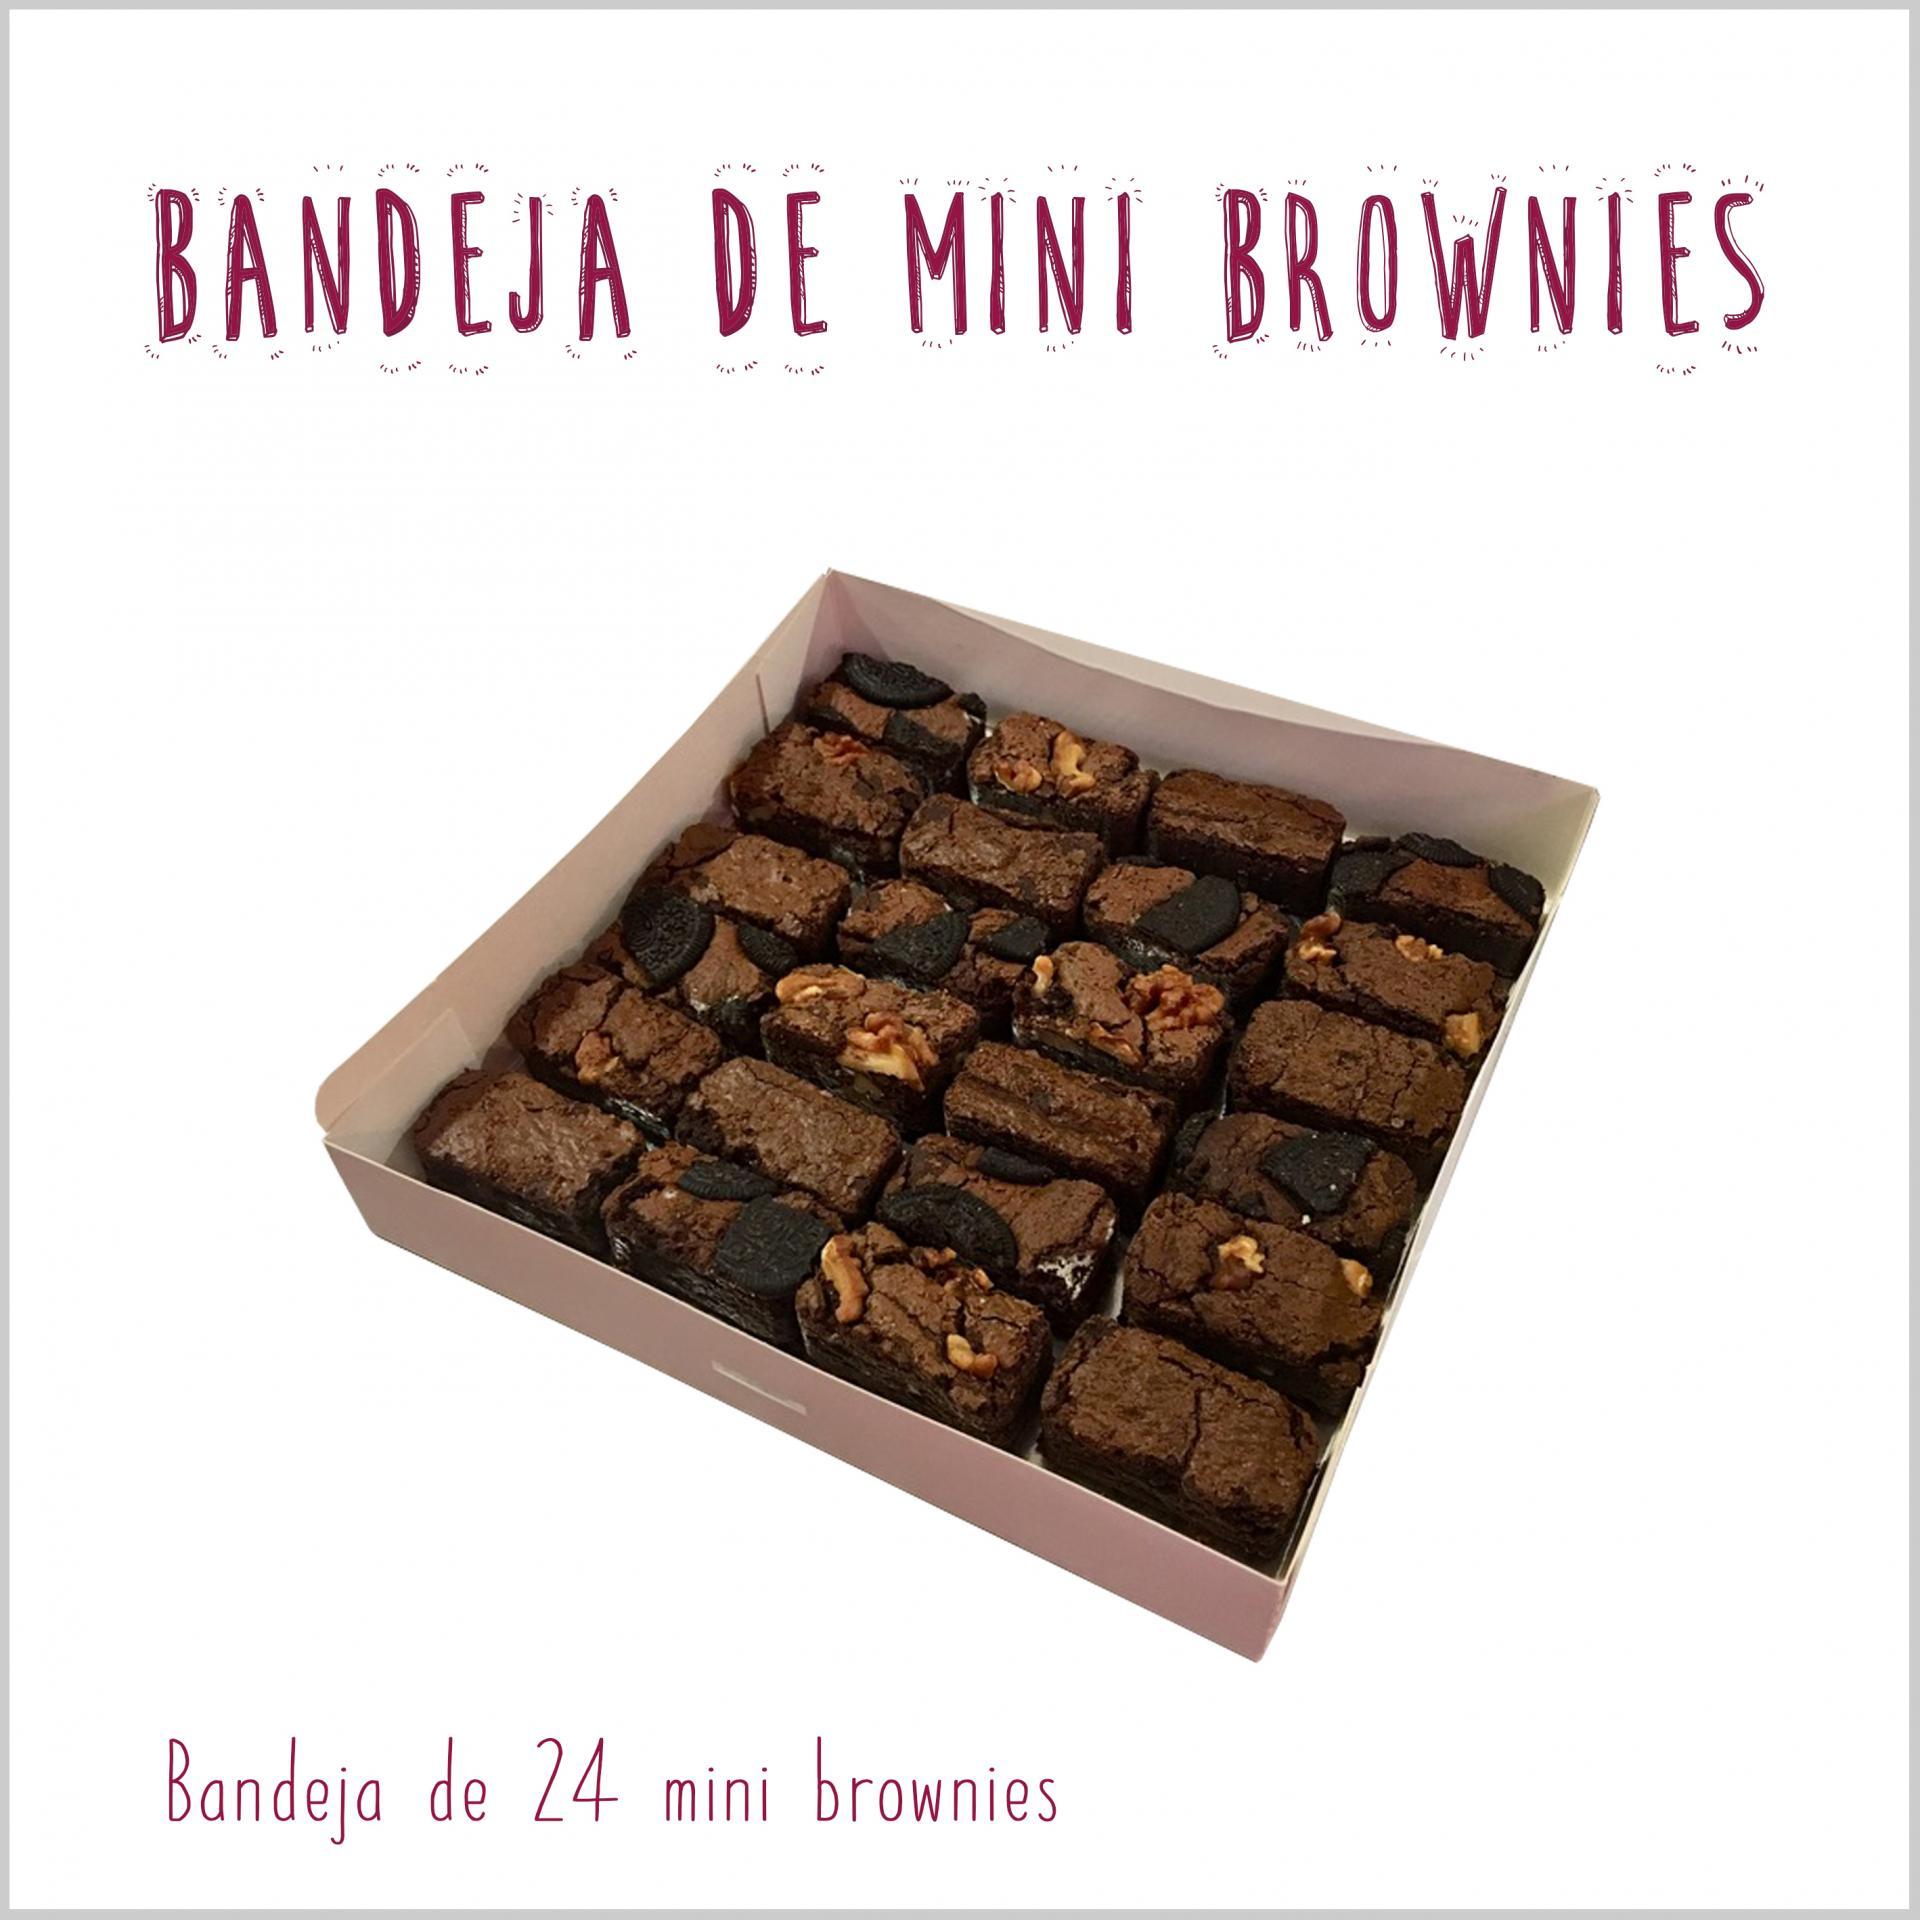 Bandeja de mini brownies